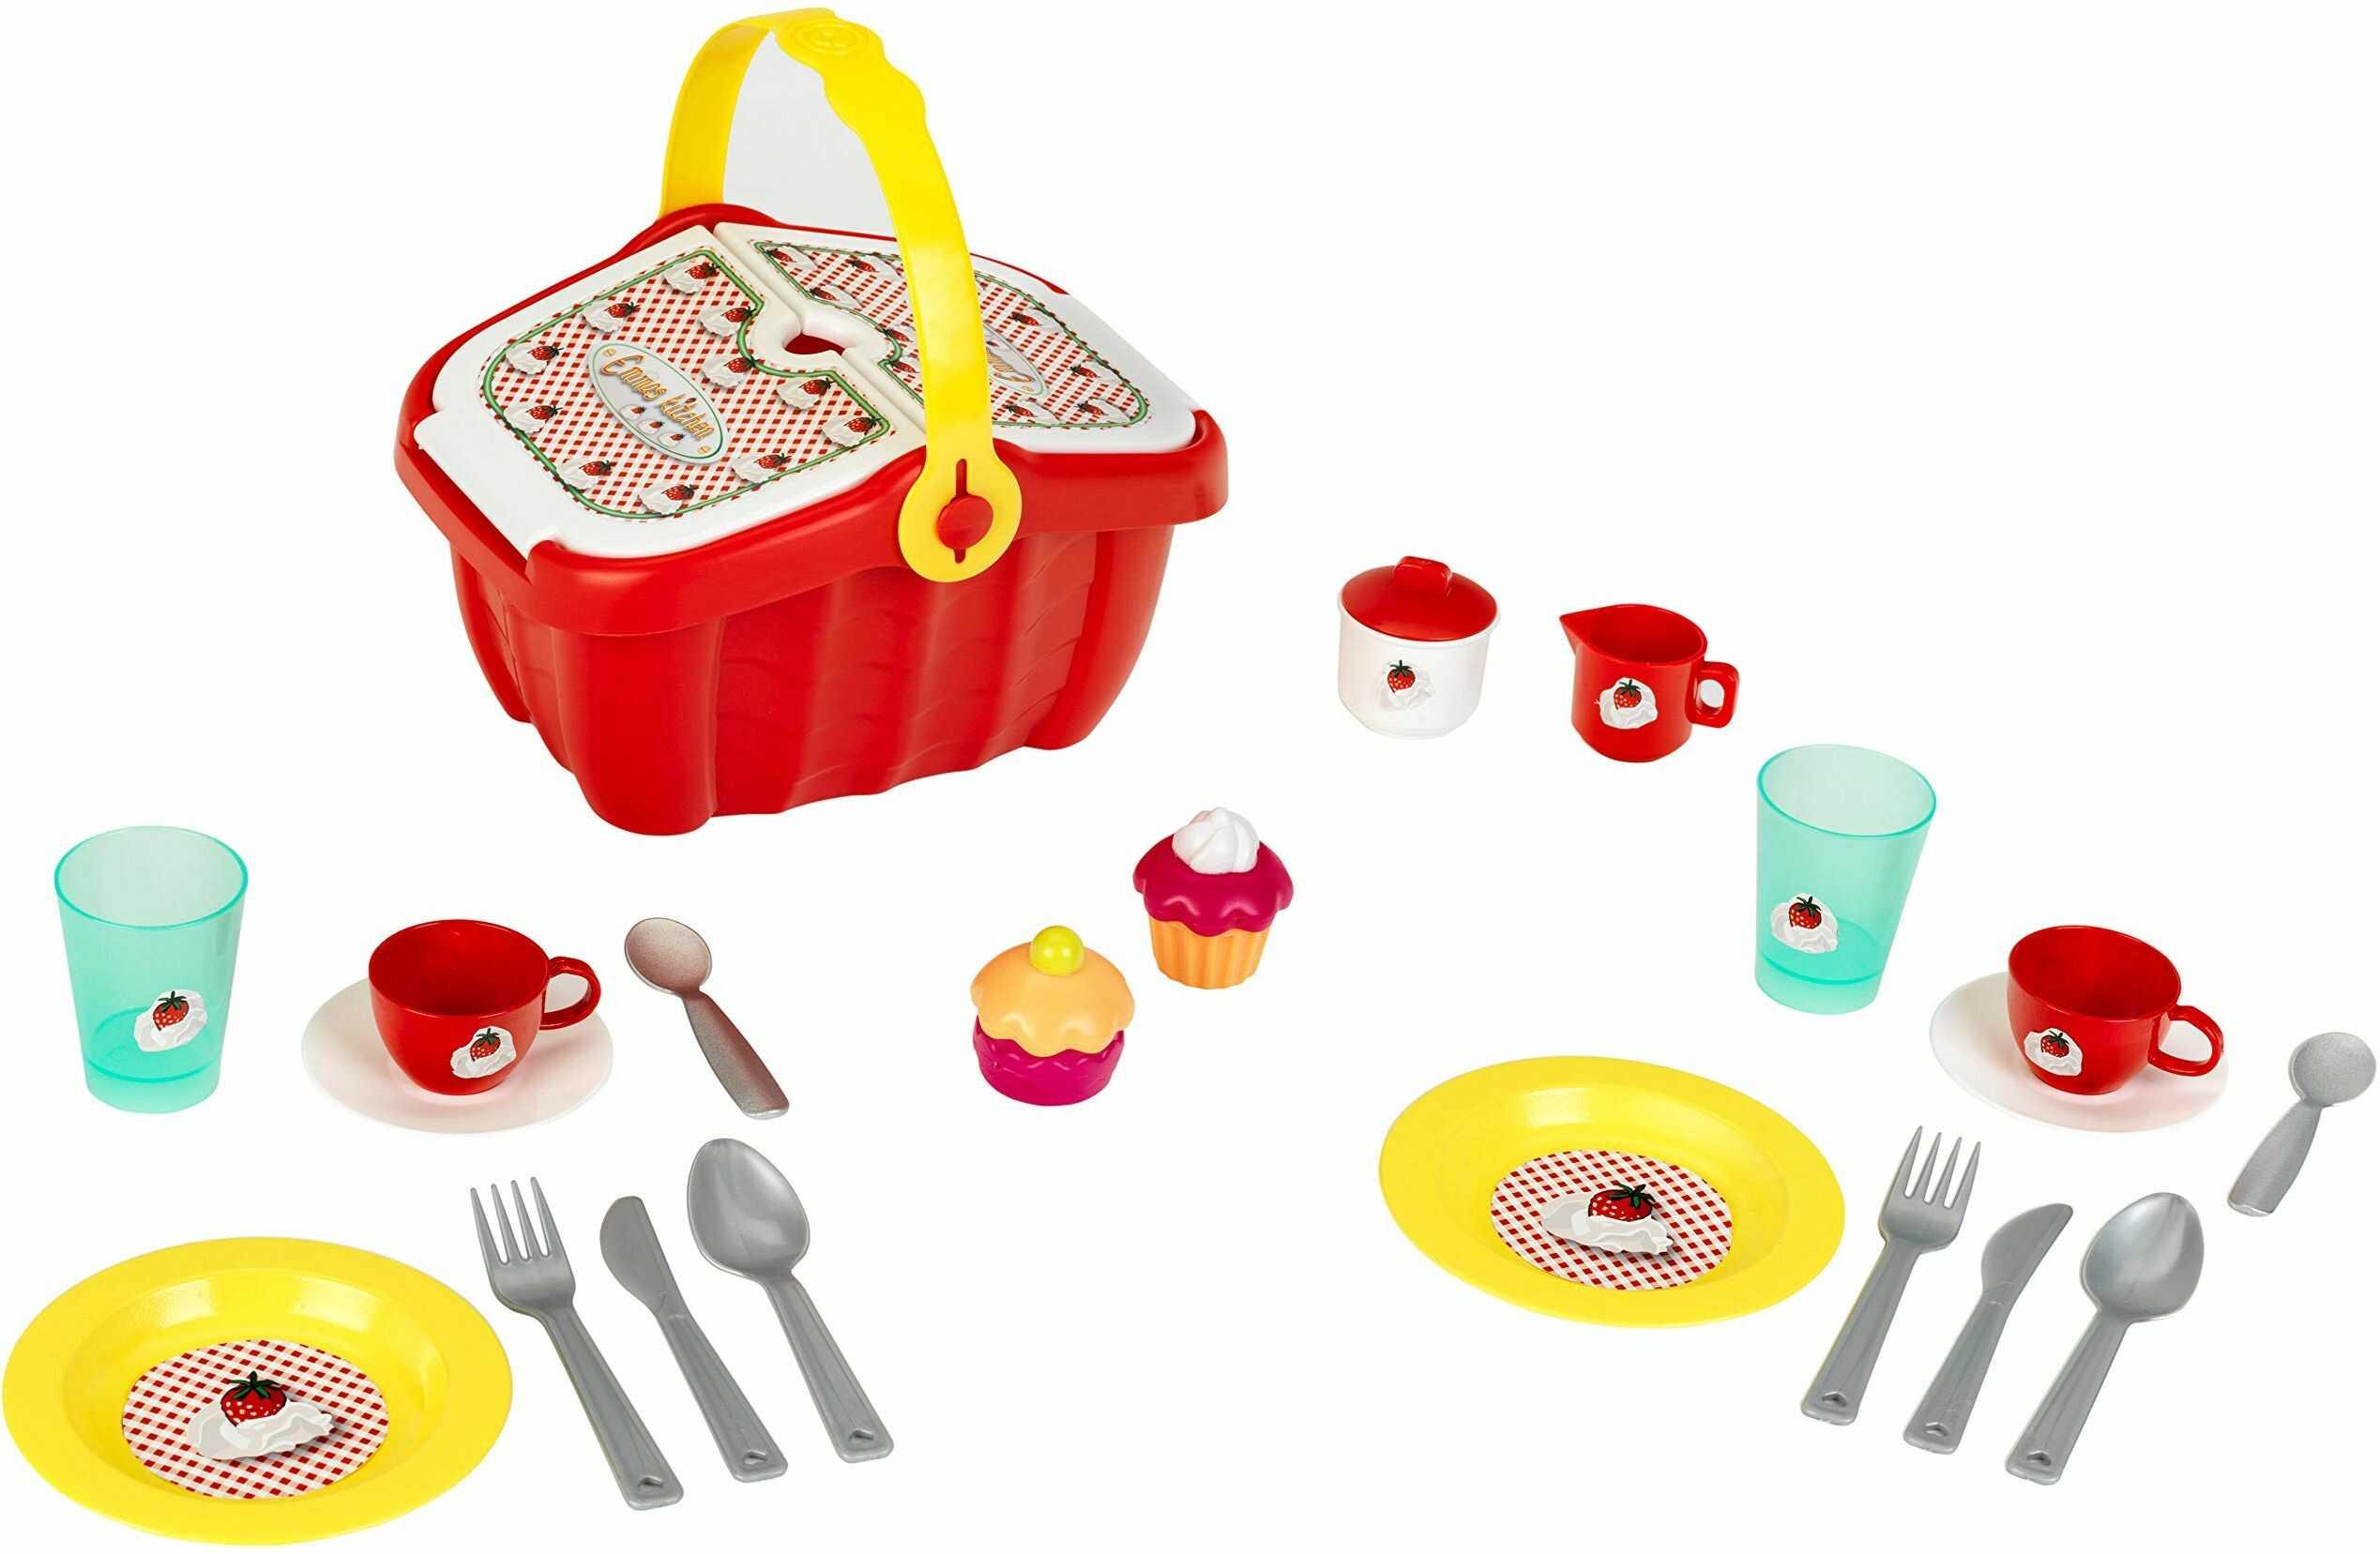 Theo Klein 9228 9228 kosz piknikowy z dużą ilością akcesoriów, zabawki, czerwony